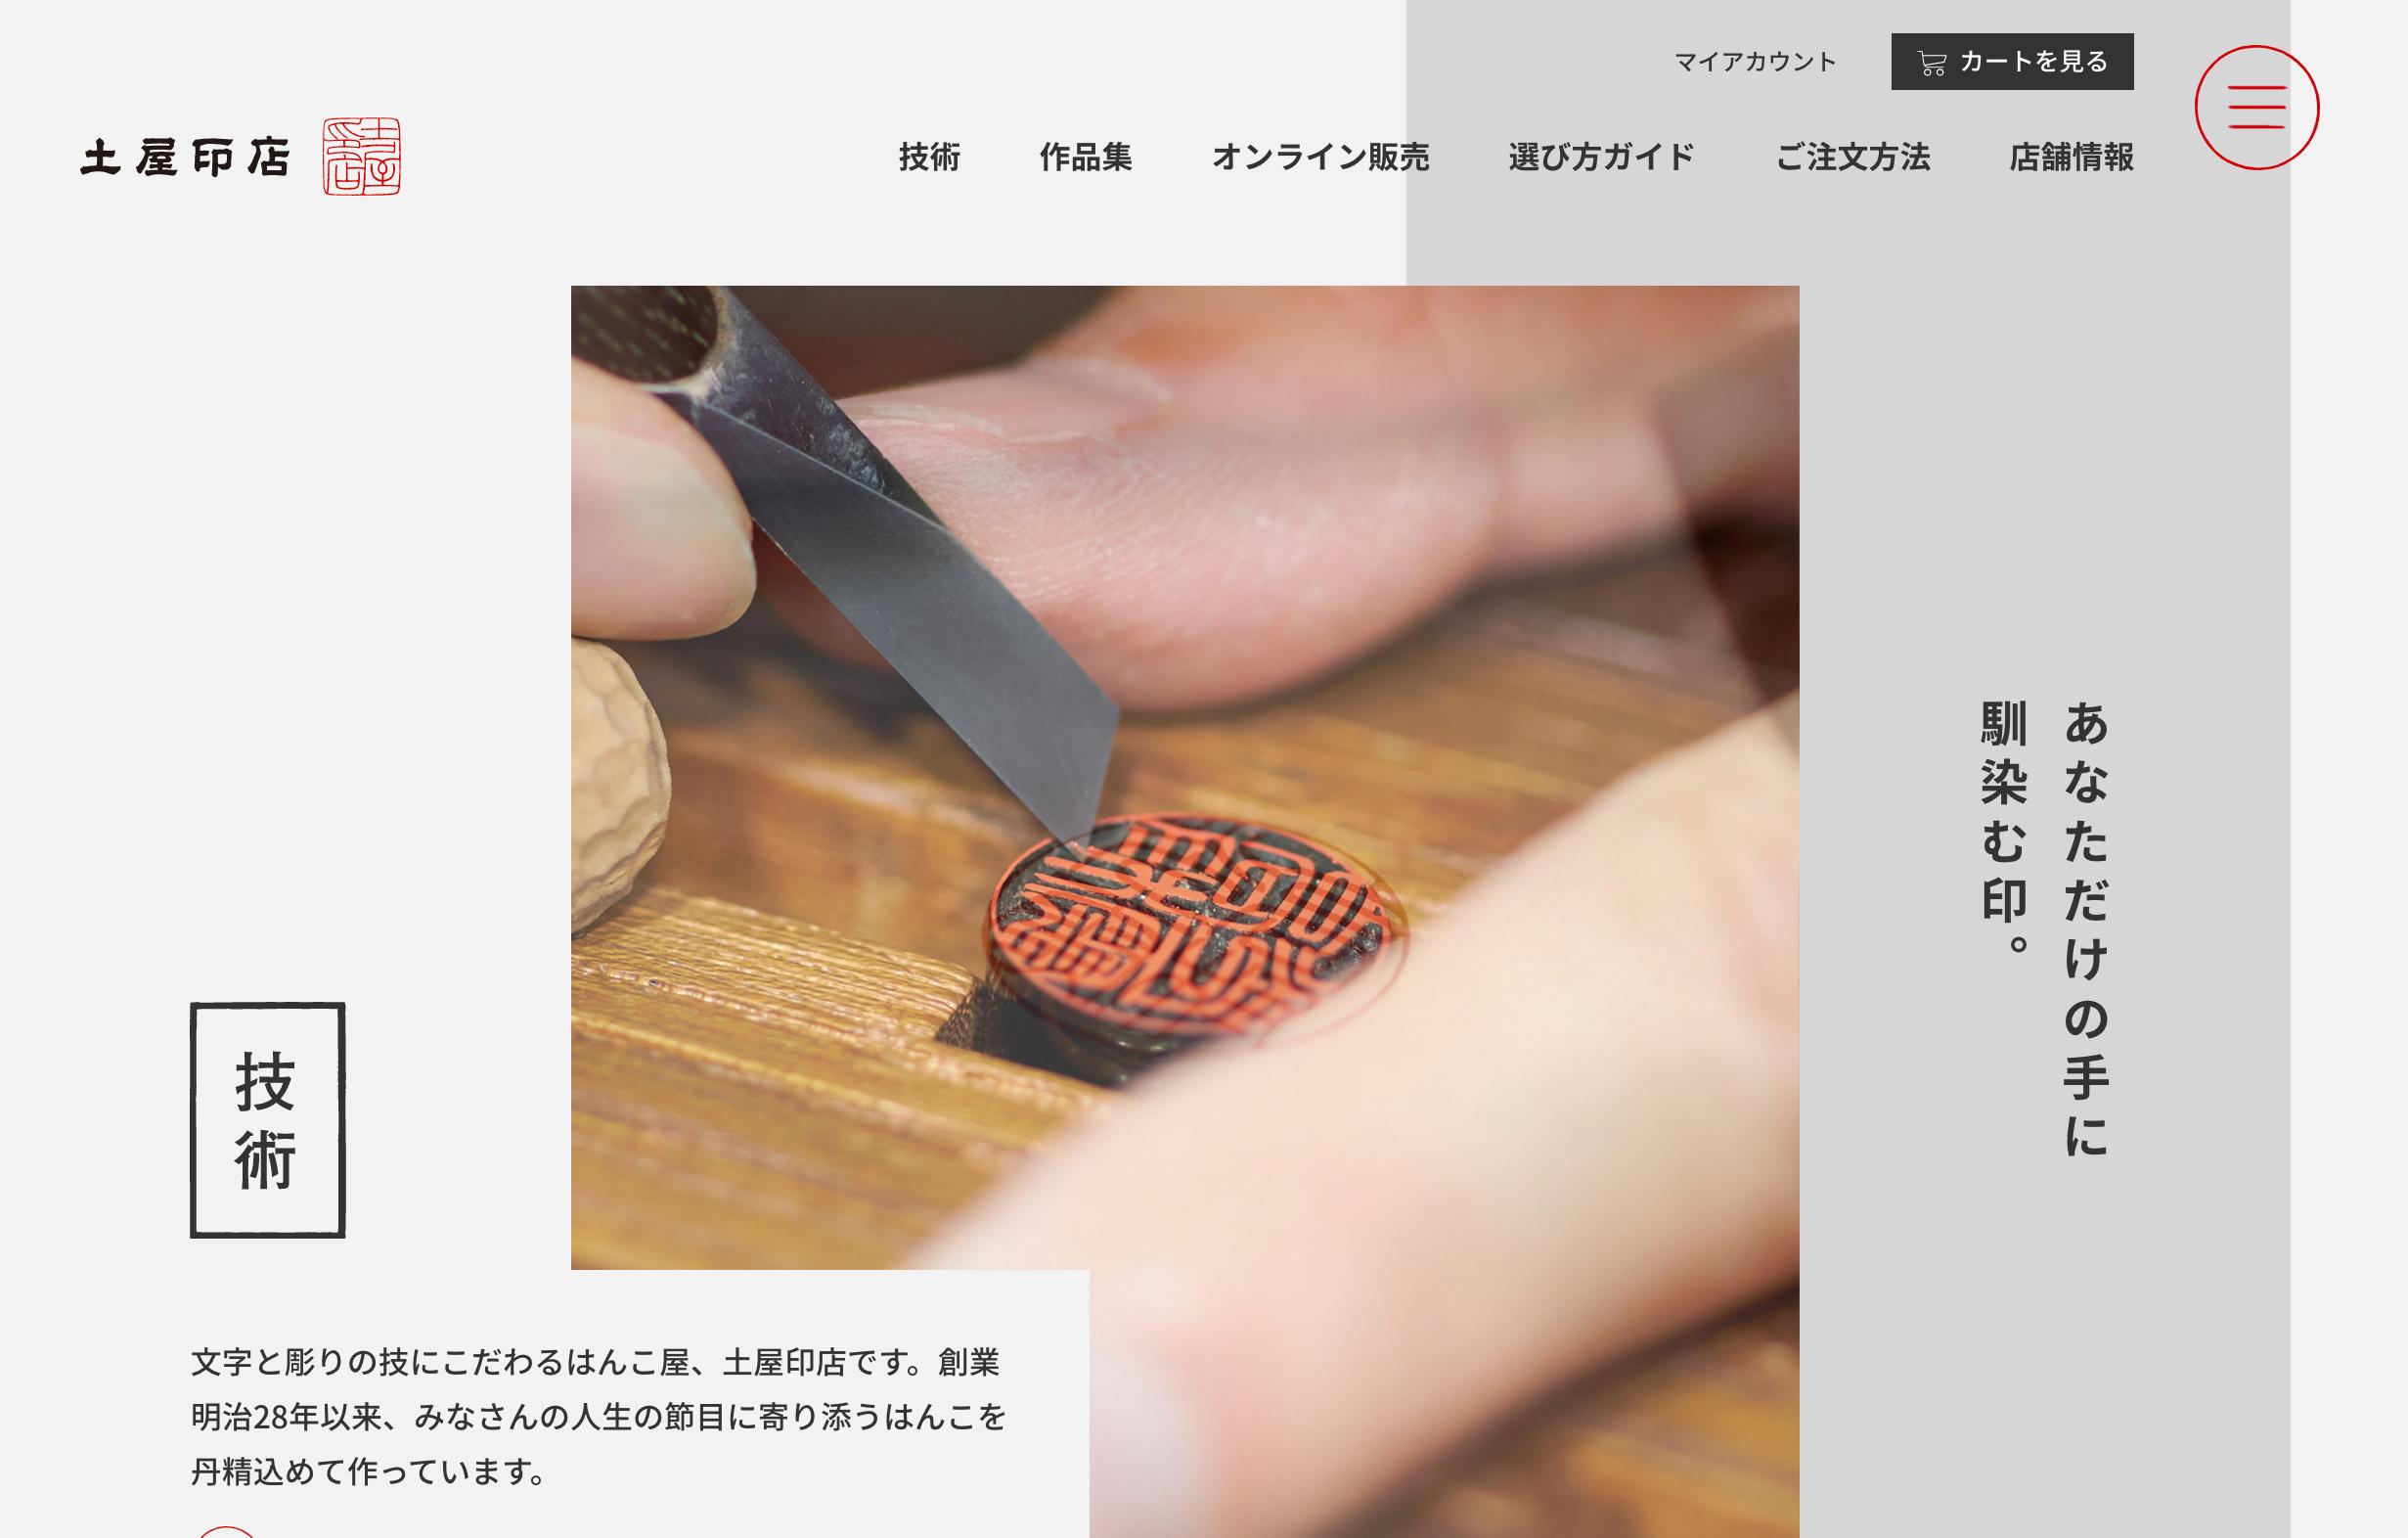 PCデザイン 土屋印店 | 長野市須坂市のはんこ屋